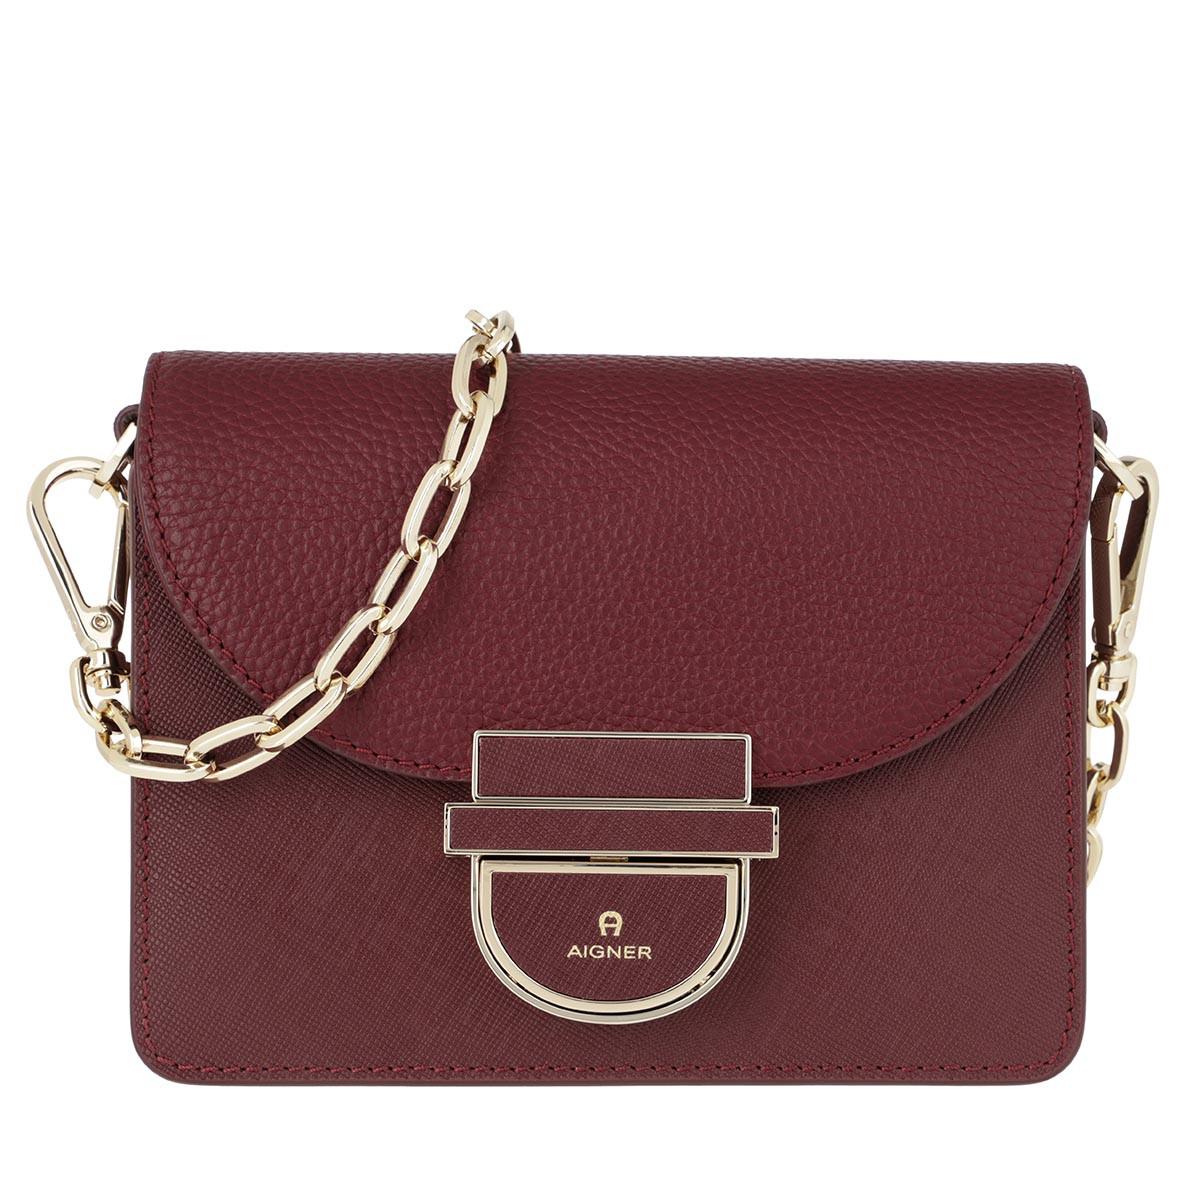 Aigner Umhängetasche - Cosima XS Crossbody Bag Burgundy - in rot - für Damen